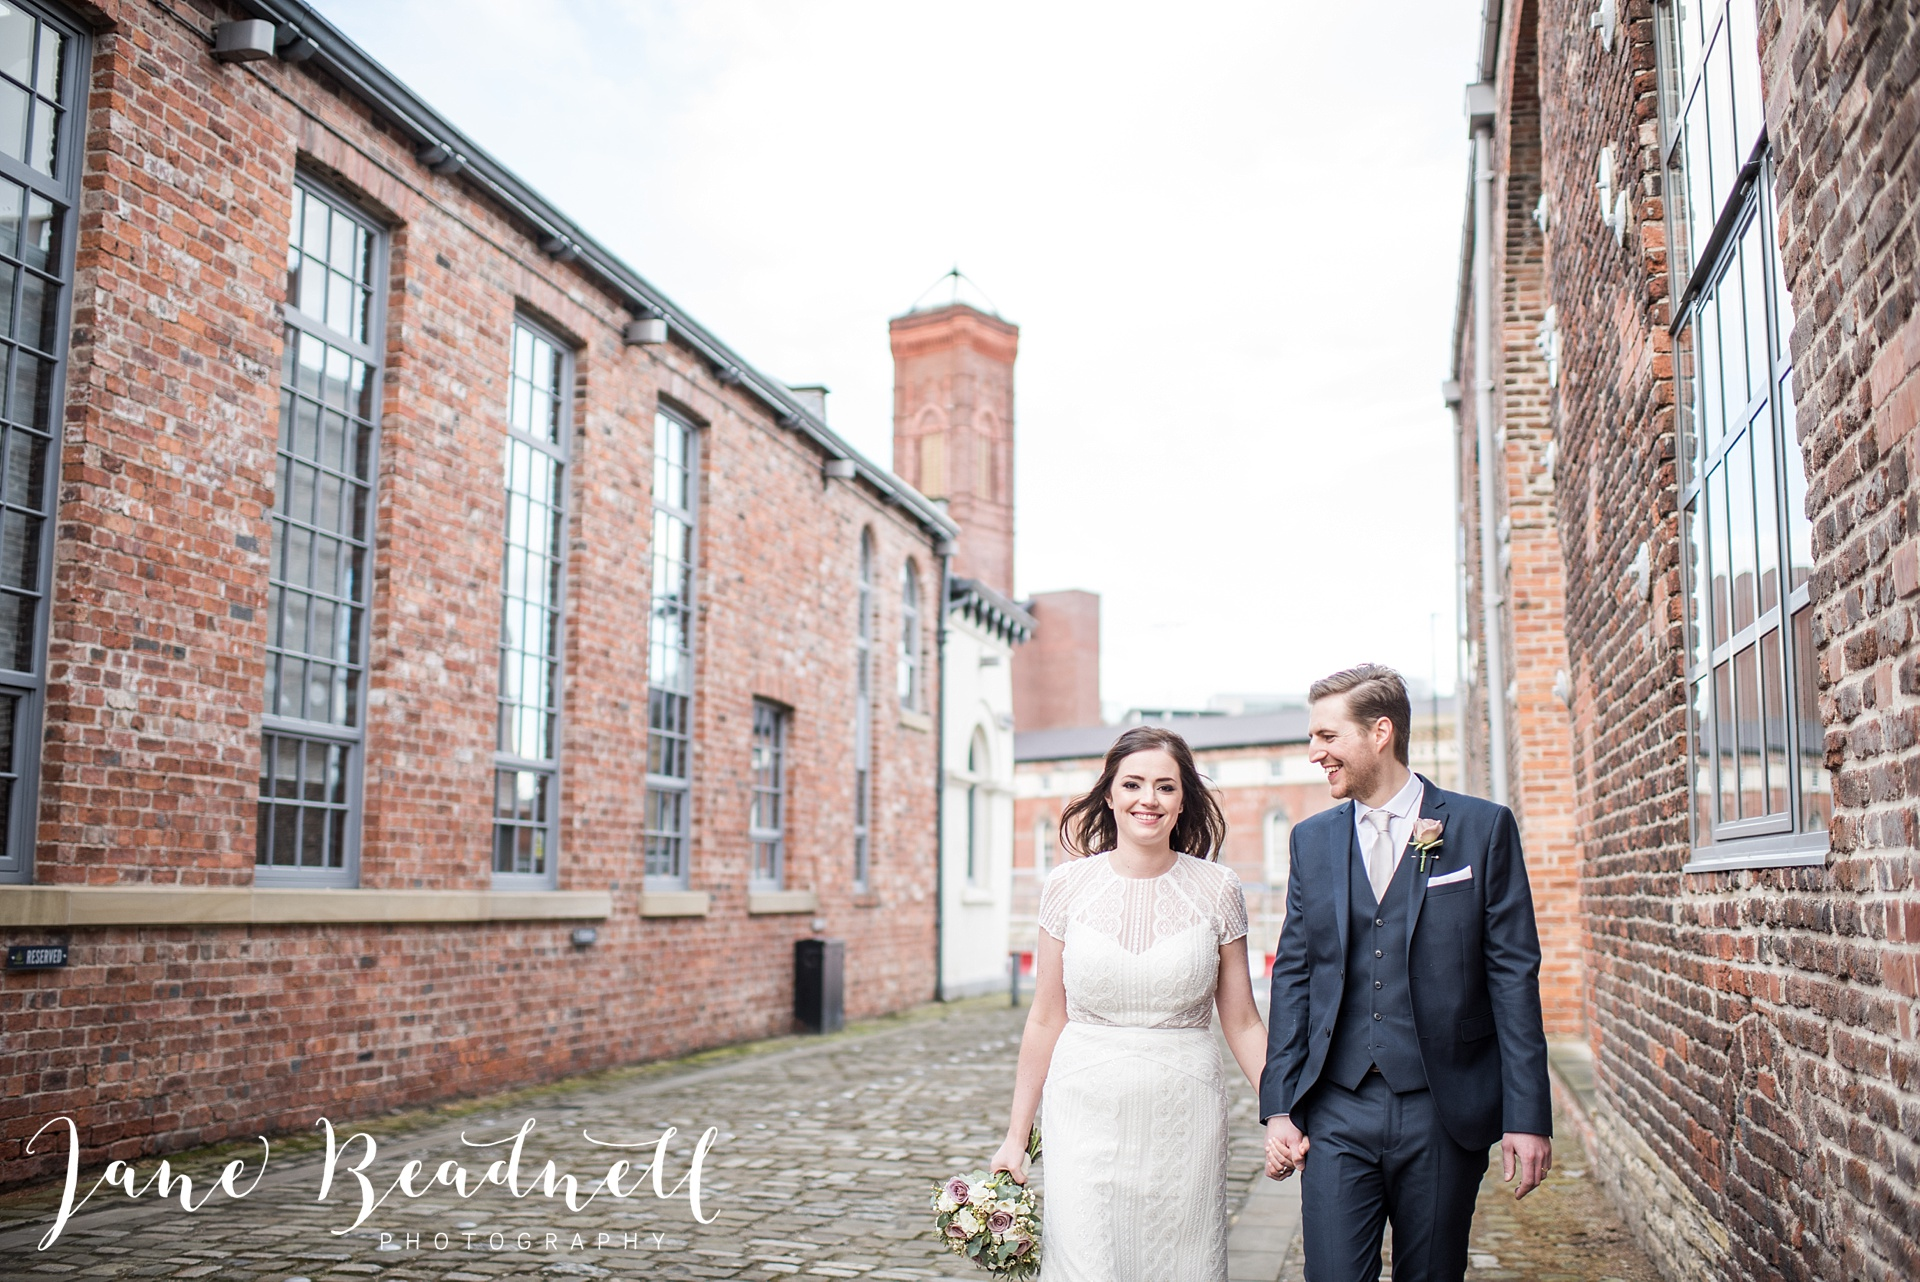 Wedding photography Cross Keys Leeds Wedding Jane Beadnell Photography_0099